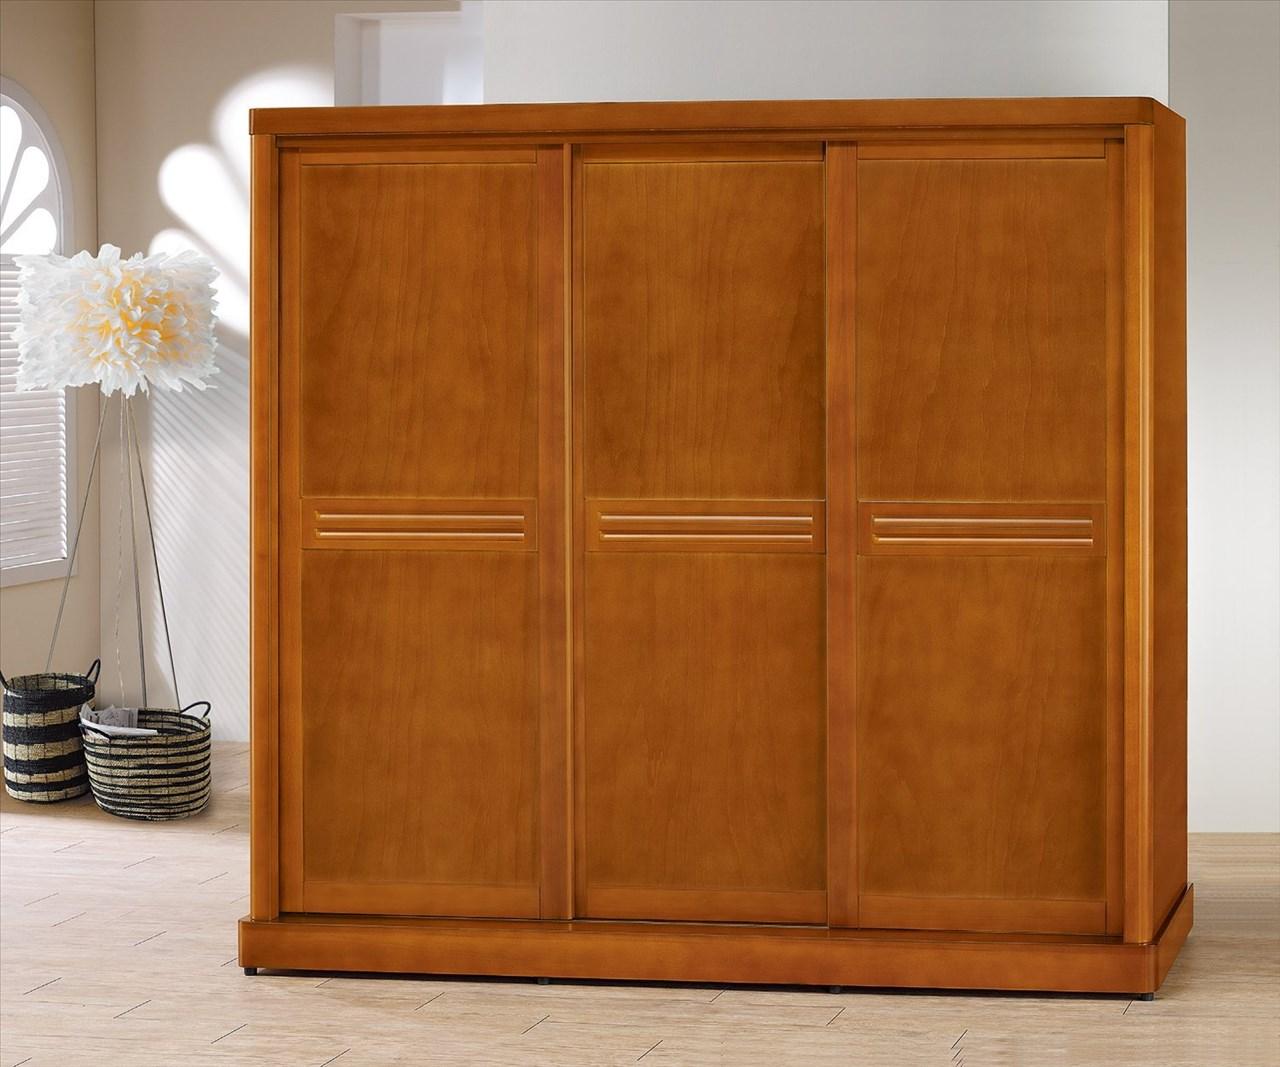 【石川家居】EF-5-1 泰豐樟木色7*7尺拉門衣櫥 (不含其他商品) 需搭配車趟